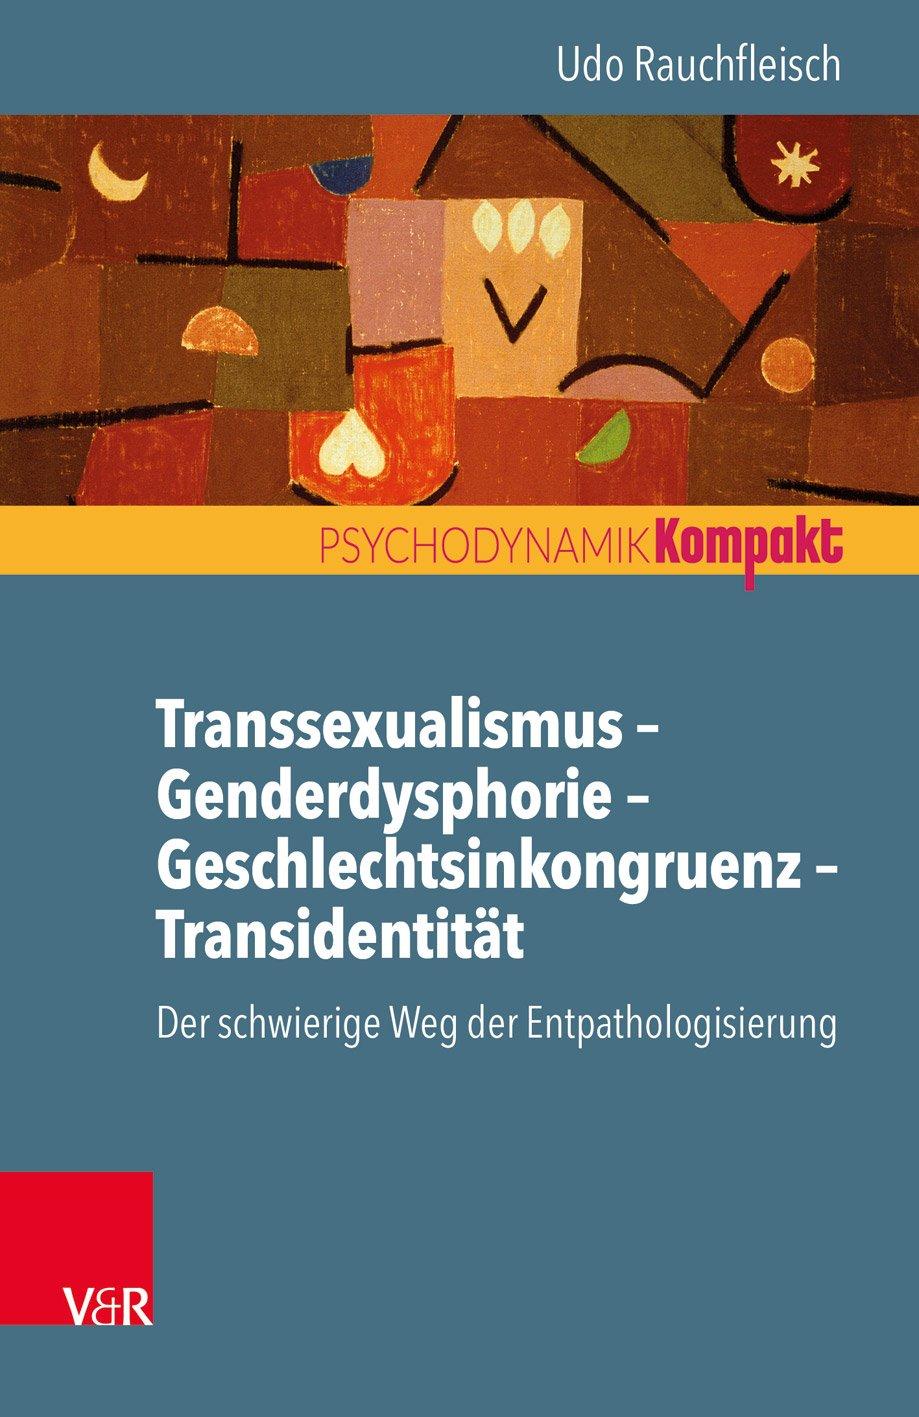 Transsexualismus – Genderdysphorie – Geschlechtsinkongruenz – Transidentität. Der schwierige Weg der Entpathologisierung